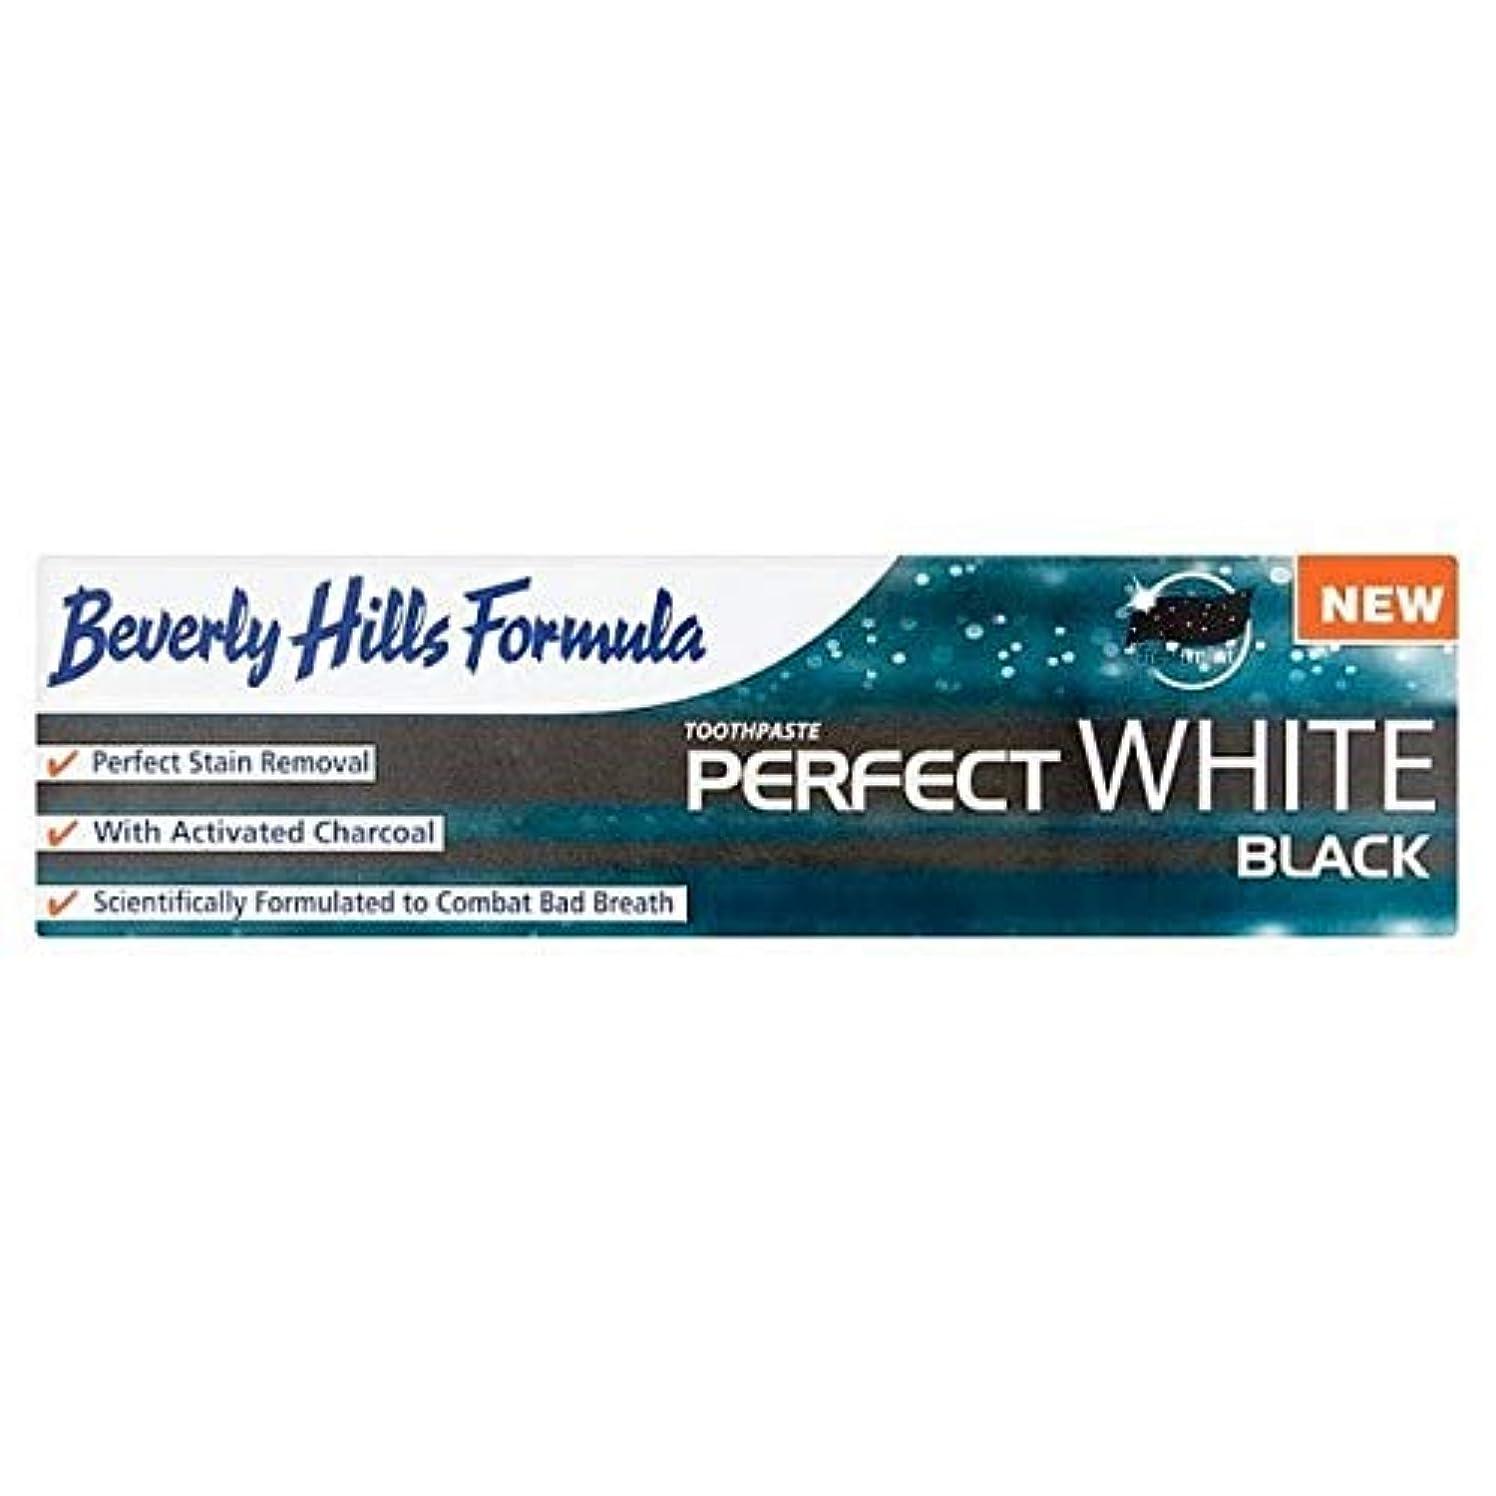 砂漠環境保護主義者ペルー[Beverly Hills ] ビバリーヒルズ式活性炭歯磨き粉100ミリリットル - Beverly Hills Formula Activated Charcoal Toothpaste 100ml [並行輸入品]